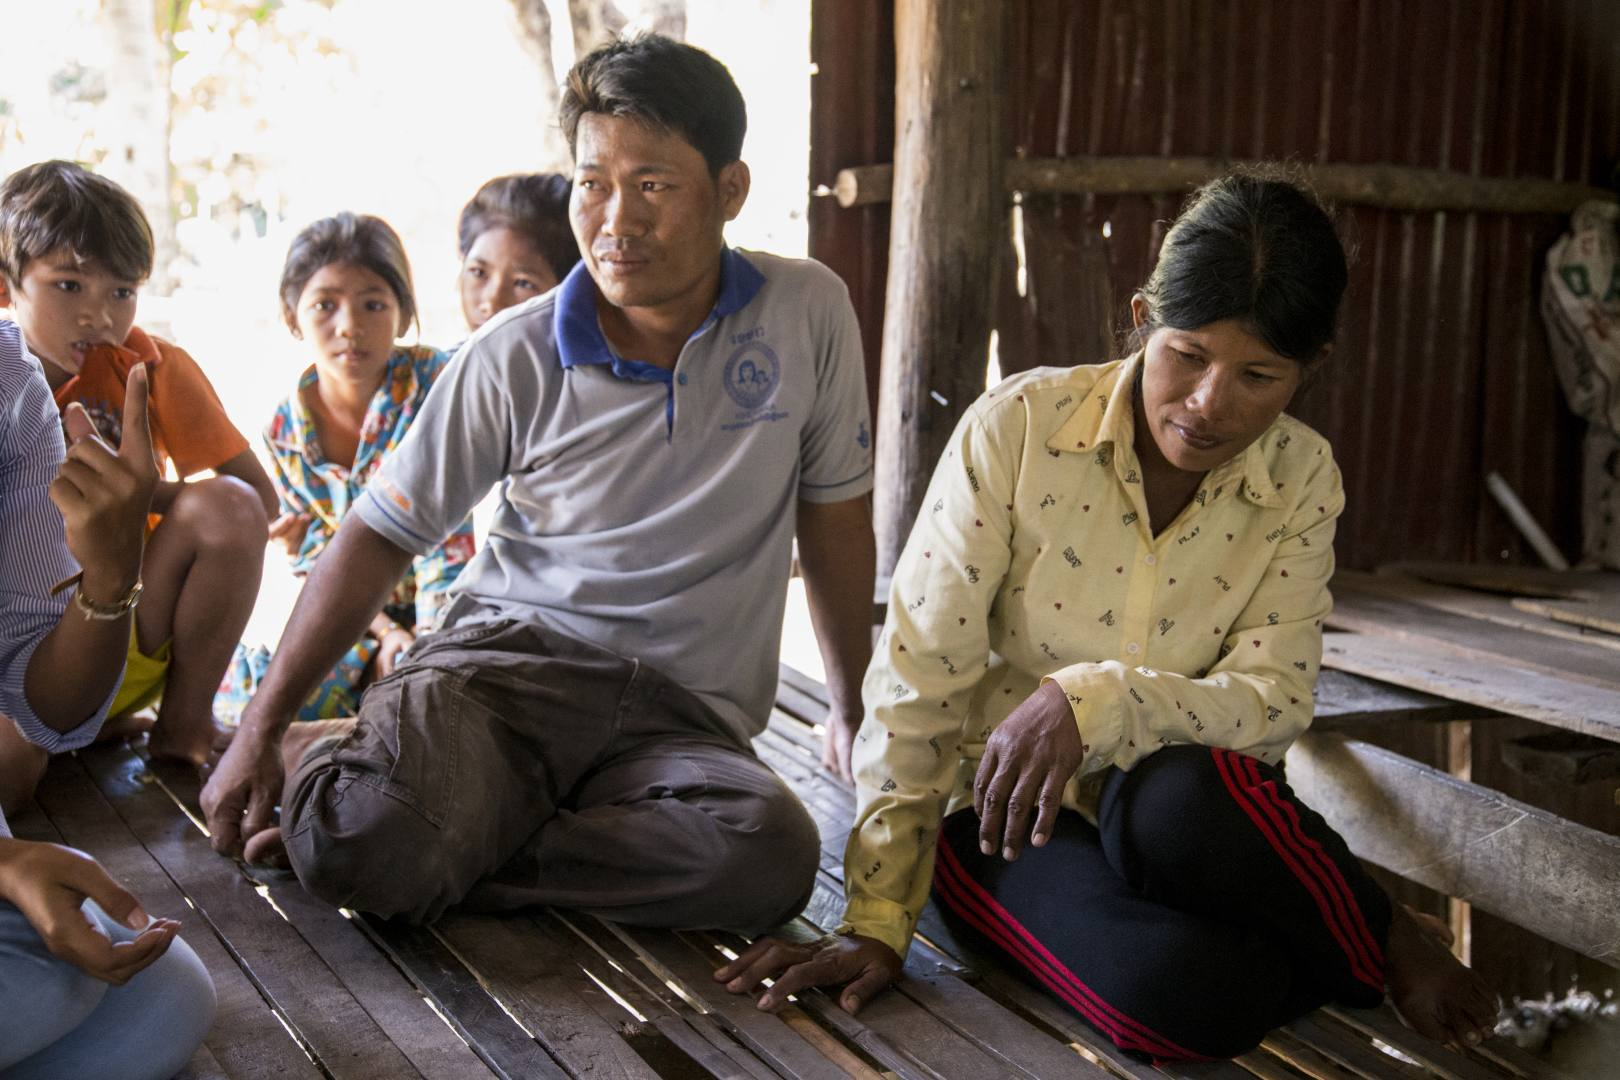 ©Lahiomutsi Kambodza Cambodian Vesiruukuntekijan perhe Tarina World Vision kehitysyhteistyo-1208